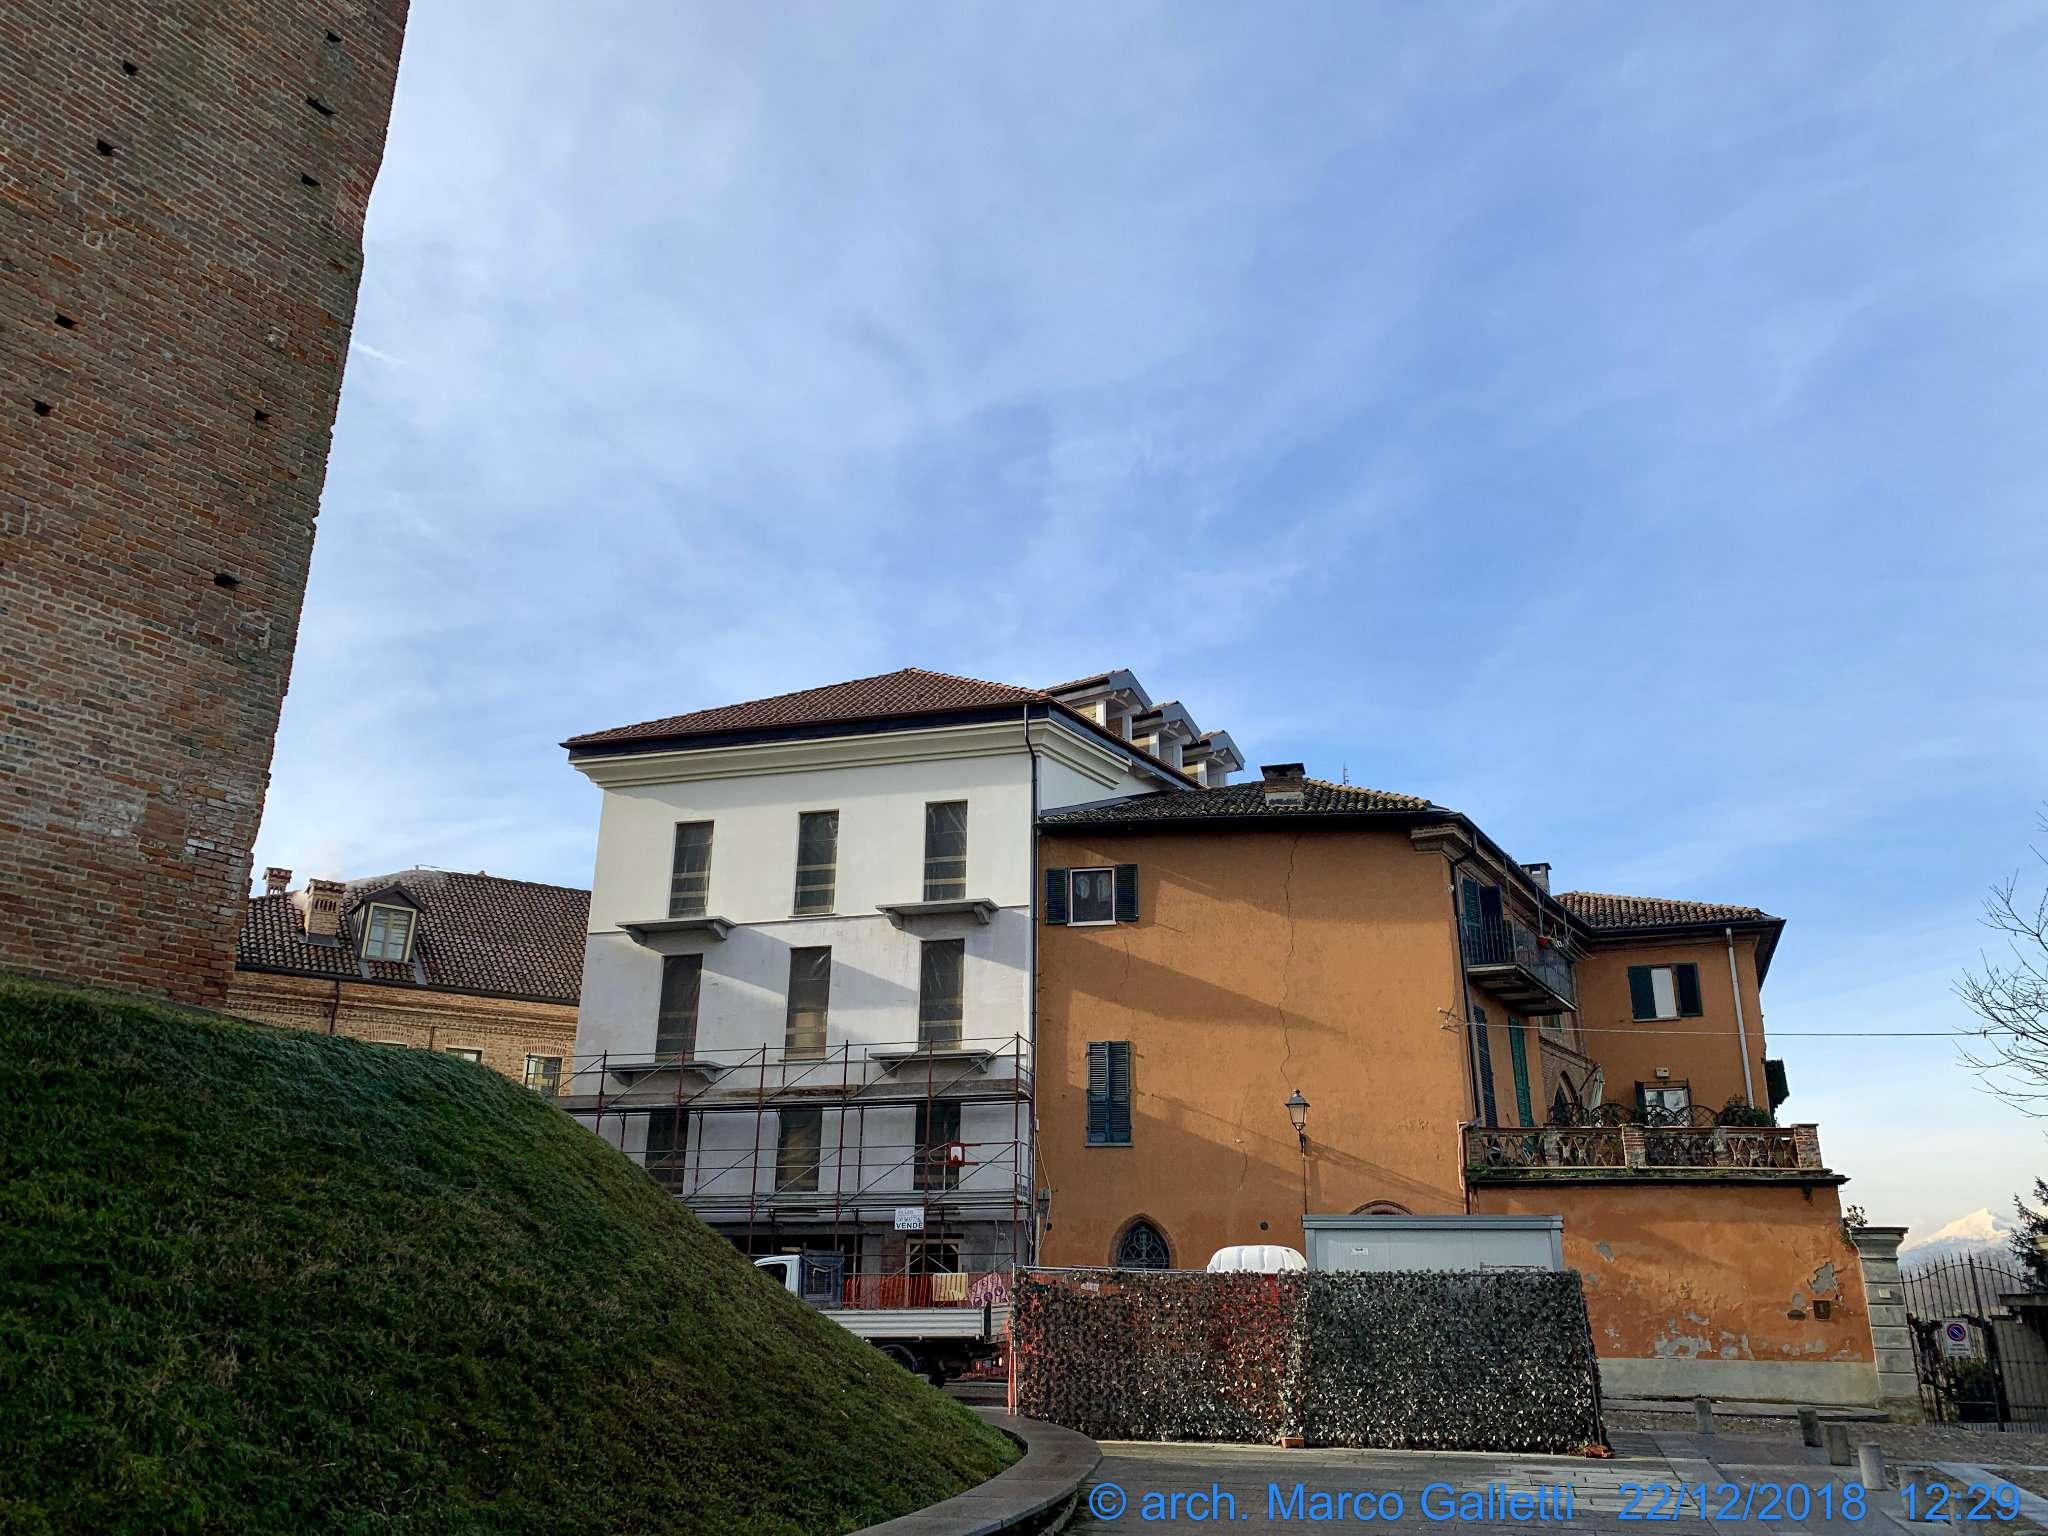 Appartamento in vendita a Trofarello, 9999 locali, prezzo € 245.000 | CambioCasa.it